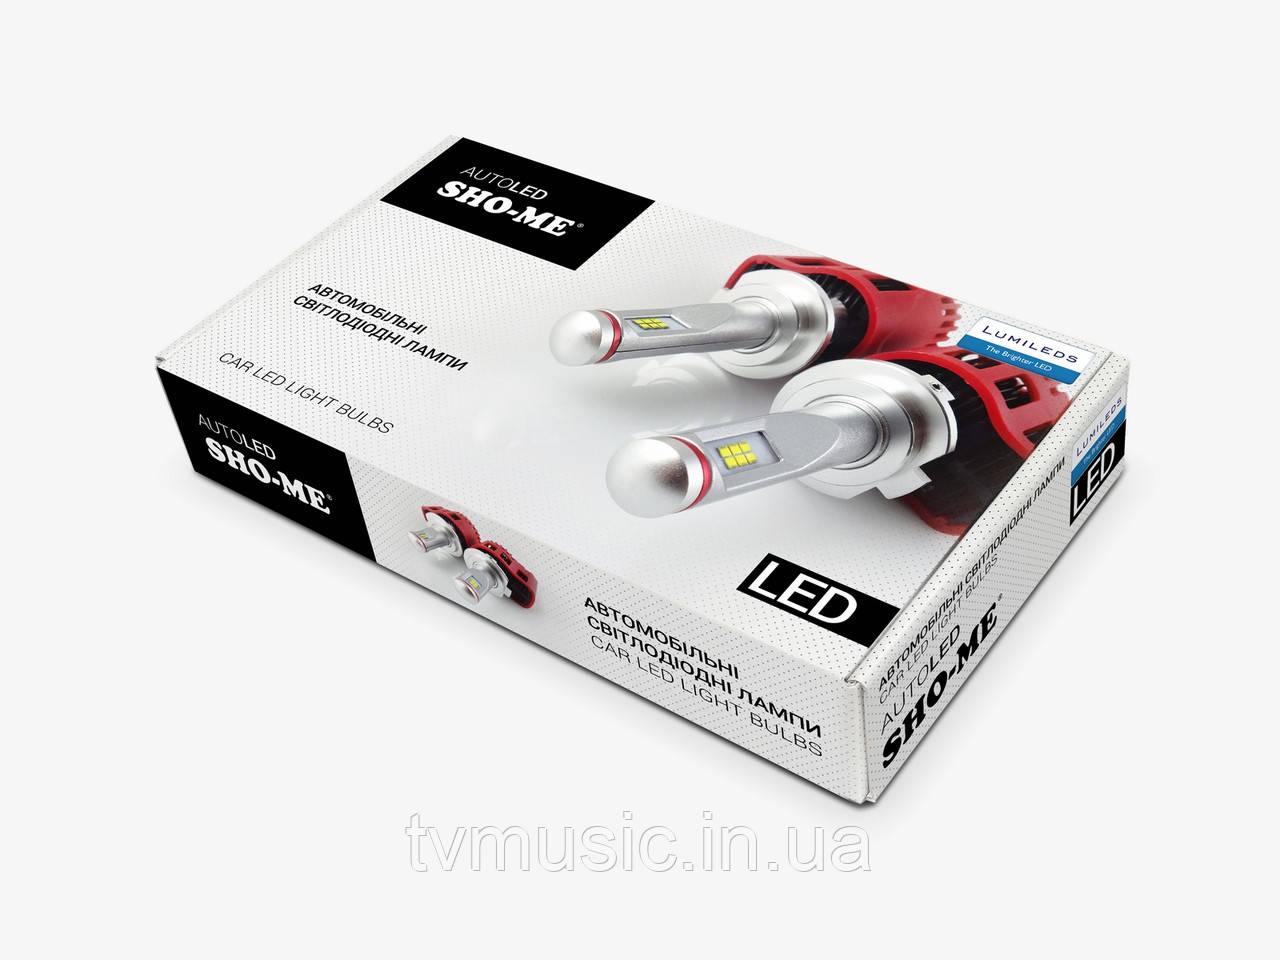 Светодиодные лампы Sho Me G5.2 H4 6000K 45W